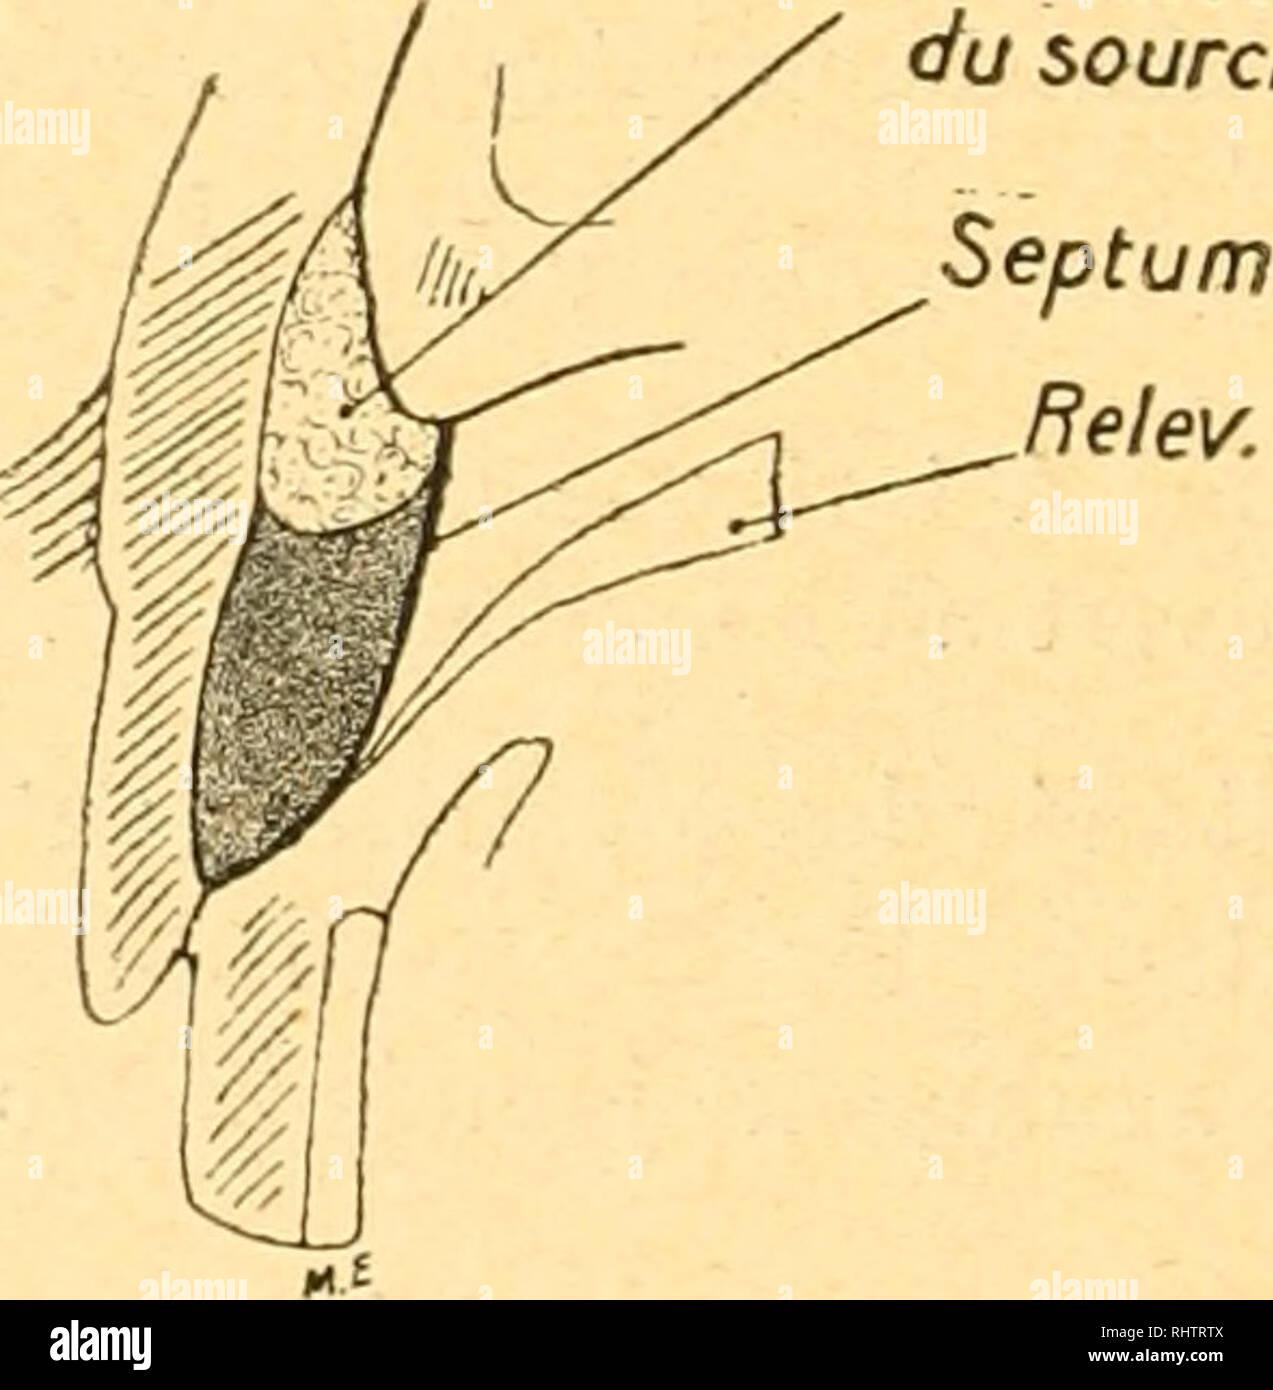 """. Bibliographie anatomique. Die menschliche Anatomie, Histologie, Embryologie, Human. Relev. Röhre Le sourcil. Abb. 2. Injektionen superficielles. A. Injektion aous - cutauà © e abondante Simulanzlösemittel un Åil pochà ©. L'injection Faite en avant de l'orbiculaire eine traveraà © le Muskel qui est noyé dans la Bisbal. Une petite Partie de l'injection, Dekor colorée, ein transsudà ©: en haut, en ar-rière du """"eptiim orbitaire, Le Long de Sohn accolemi-nt au releveur; en Bas, en avant de Tarse, B. Injektion sous-mnsculaire dan""""l'espace pré septal. L'injection, poussée en très petite quantité, est contenue entre le Cou Stockfoto"""